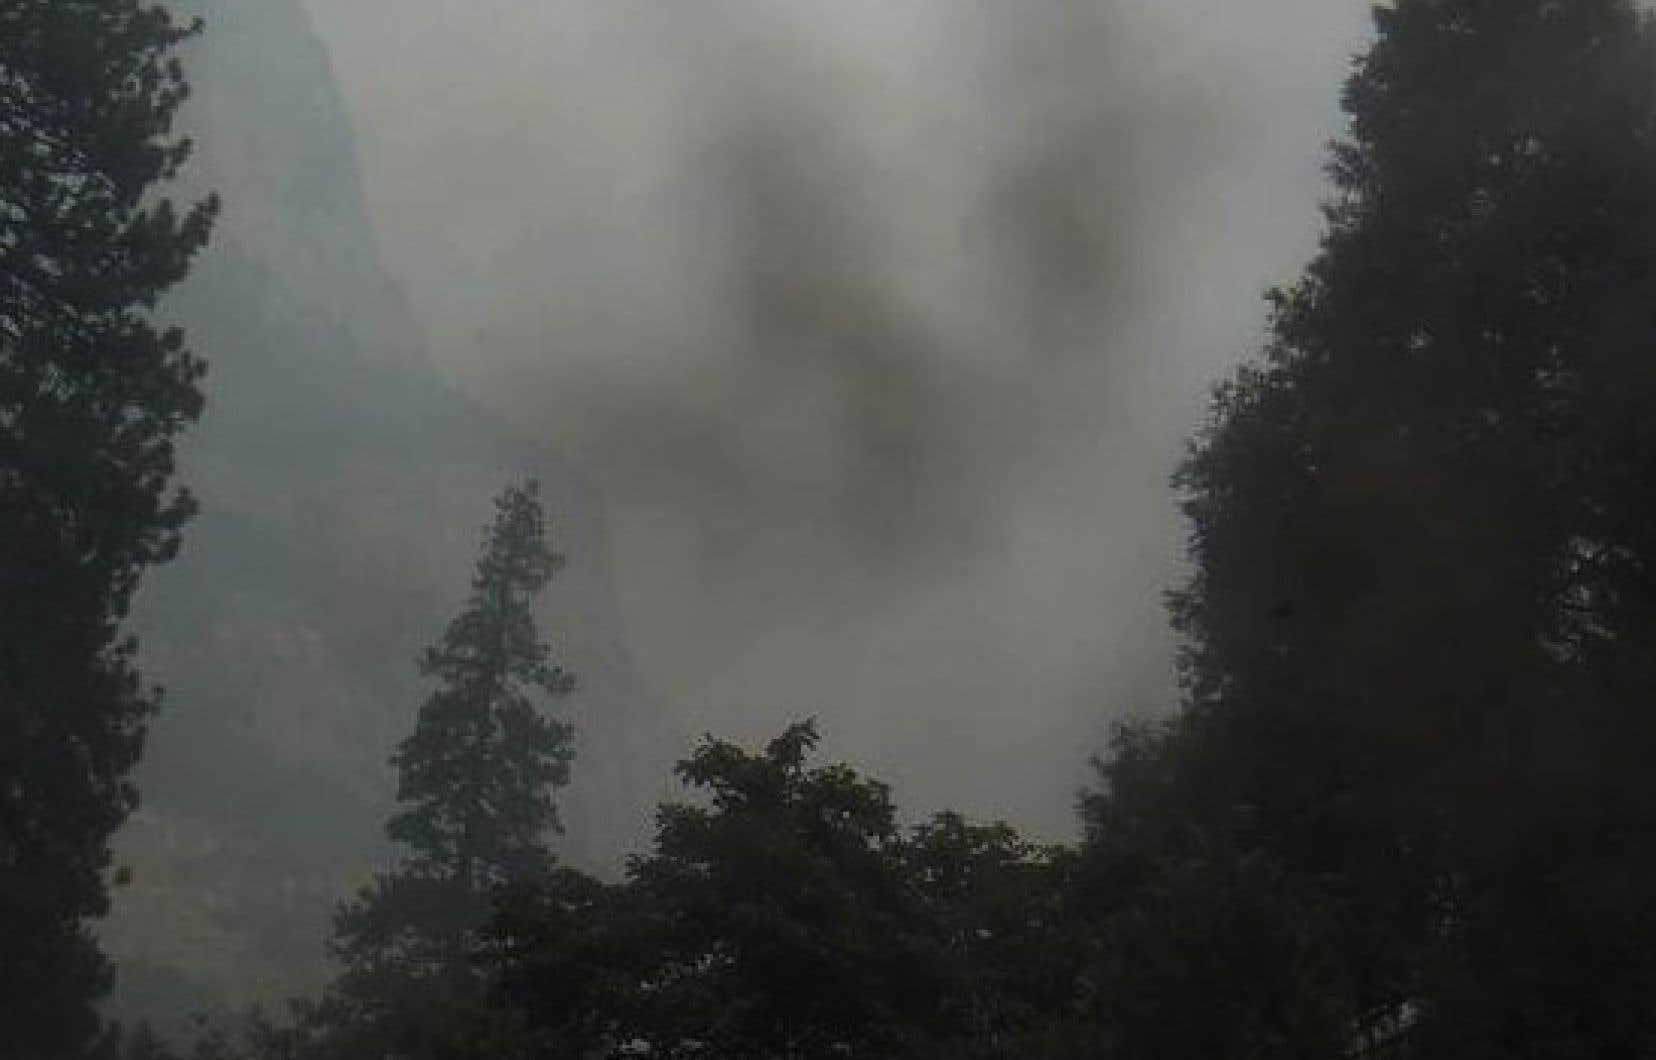 Une épaisse couche de fumée enveloppait le parc national de Yosemite, dans l'est de la Californie, le 17 juillet dernier.